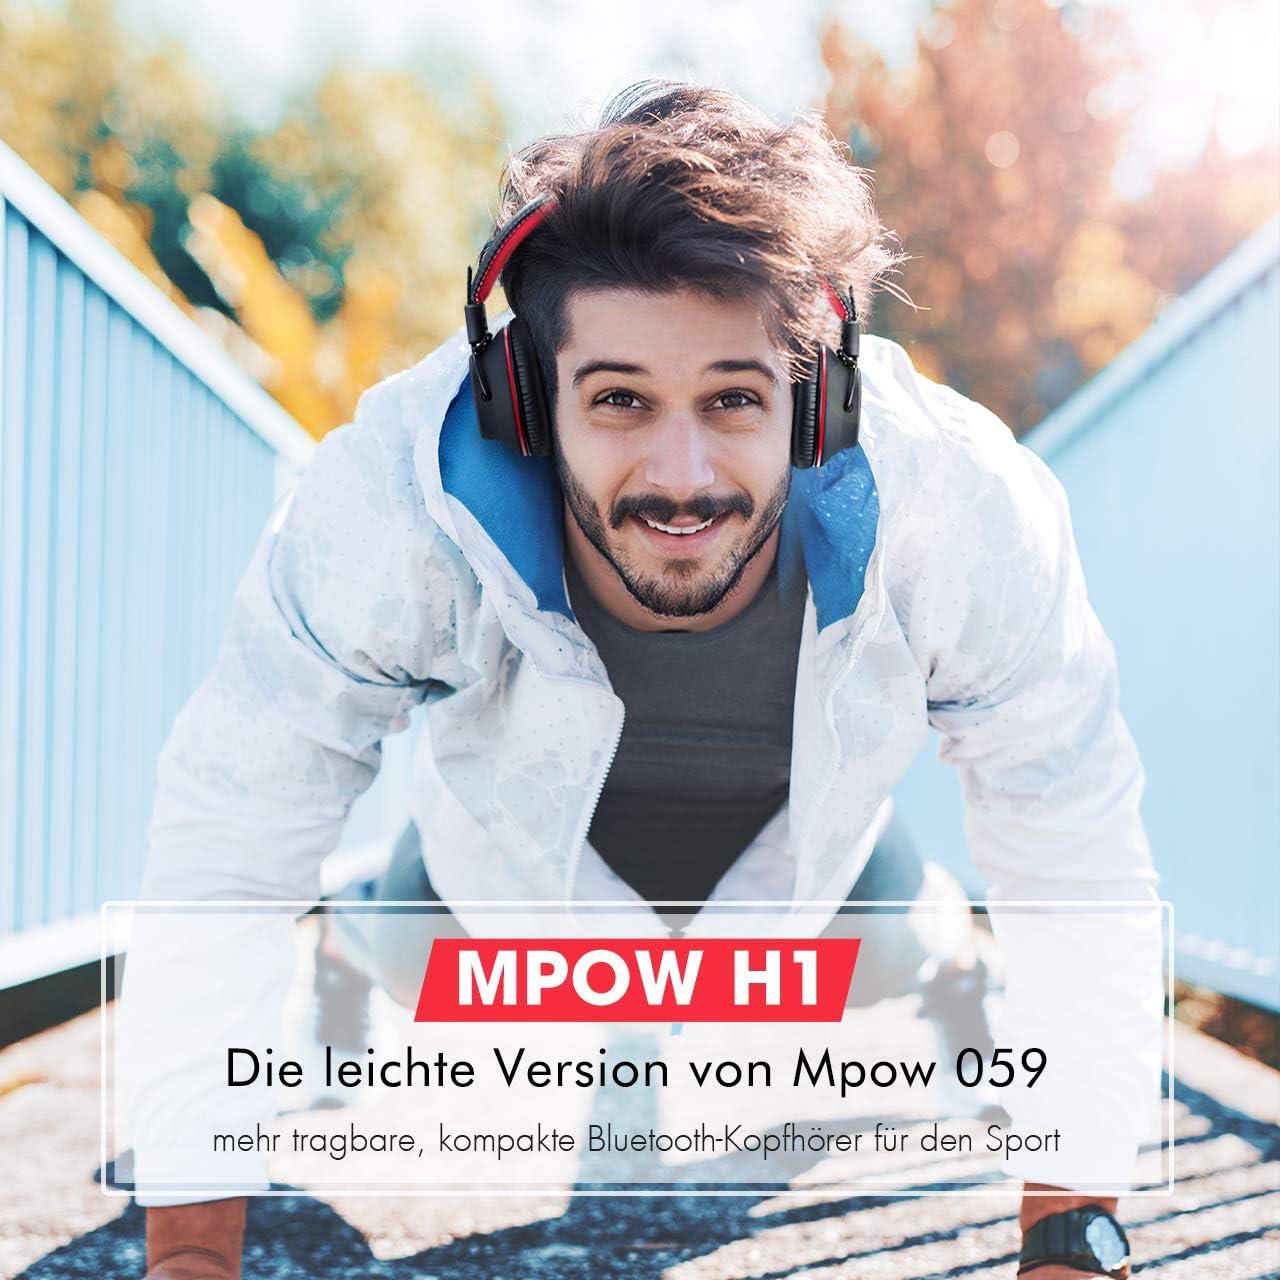 Mpow H1 Bluetooth Kopfh/örer Over Ear Perfekt Bass 3,5 mm AUX On-Ear Steuerung Over Ear Kopfh/örer mit leichtem R/ückstellschaum Ohrpolster /& Dual 40mm Treiber 20 Stunden Spielzeit